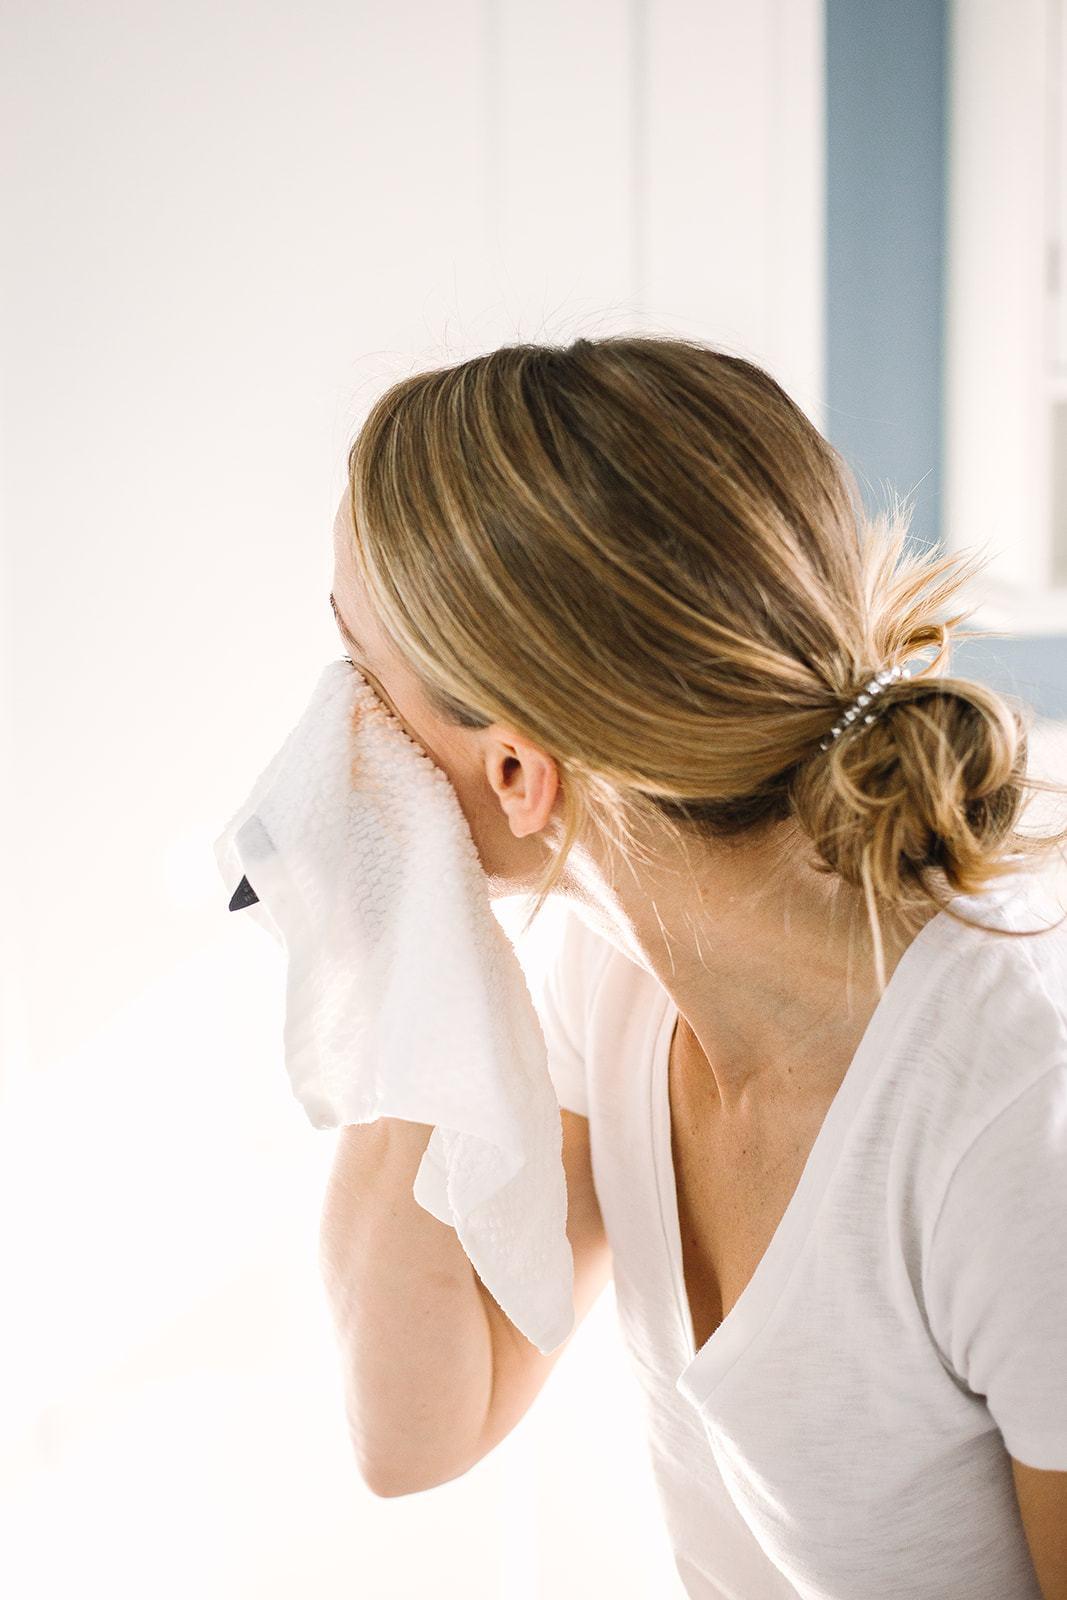 Limpeza de pele: quais os produtos para tirar a maquiagem e impurezas?